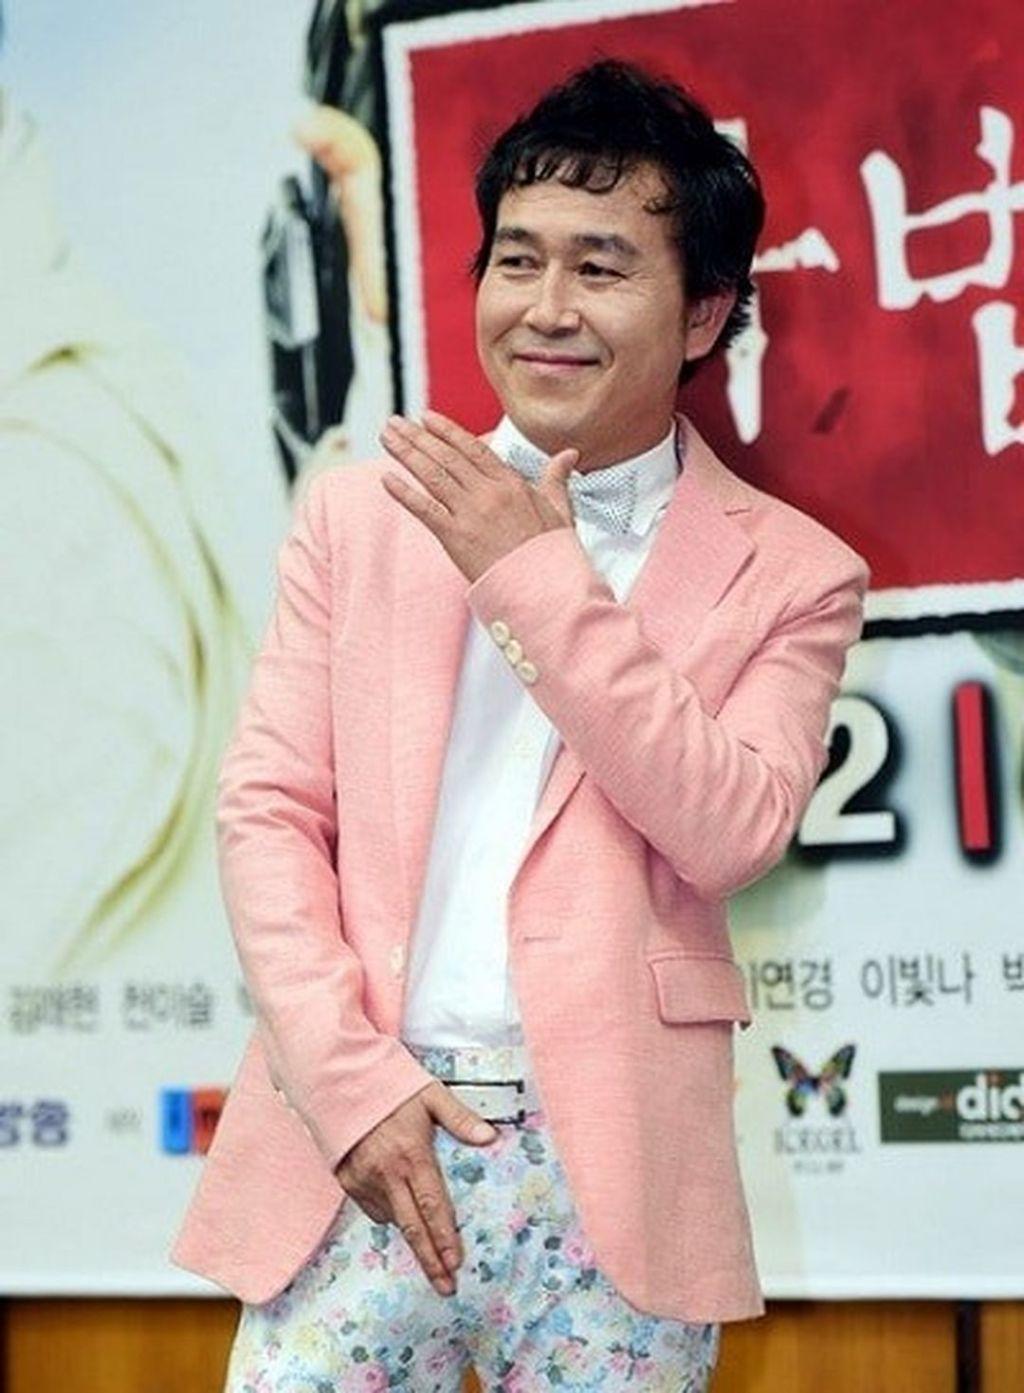 Park Choong Sun sebagai Manajer Oh